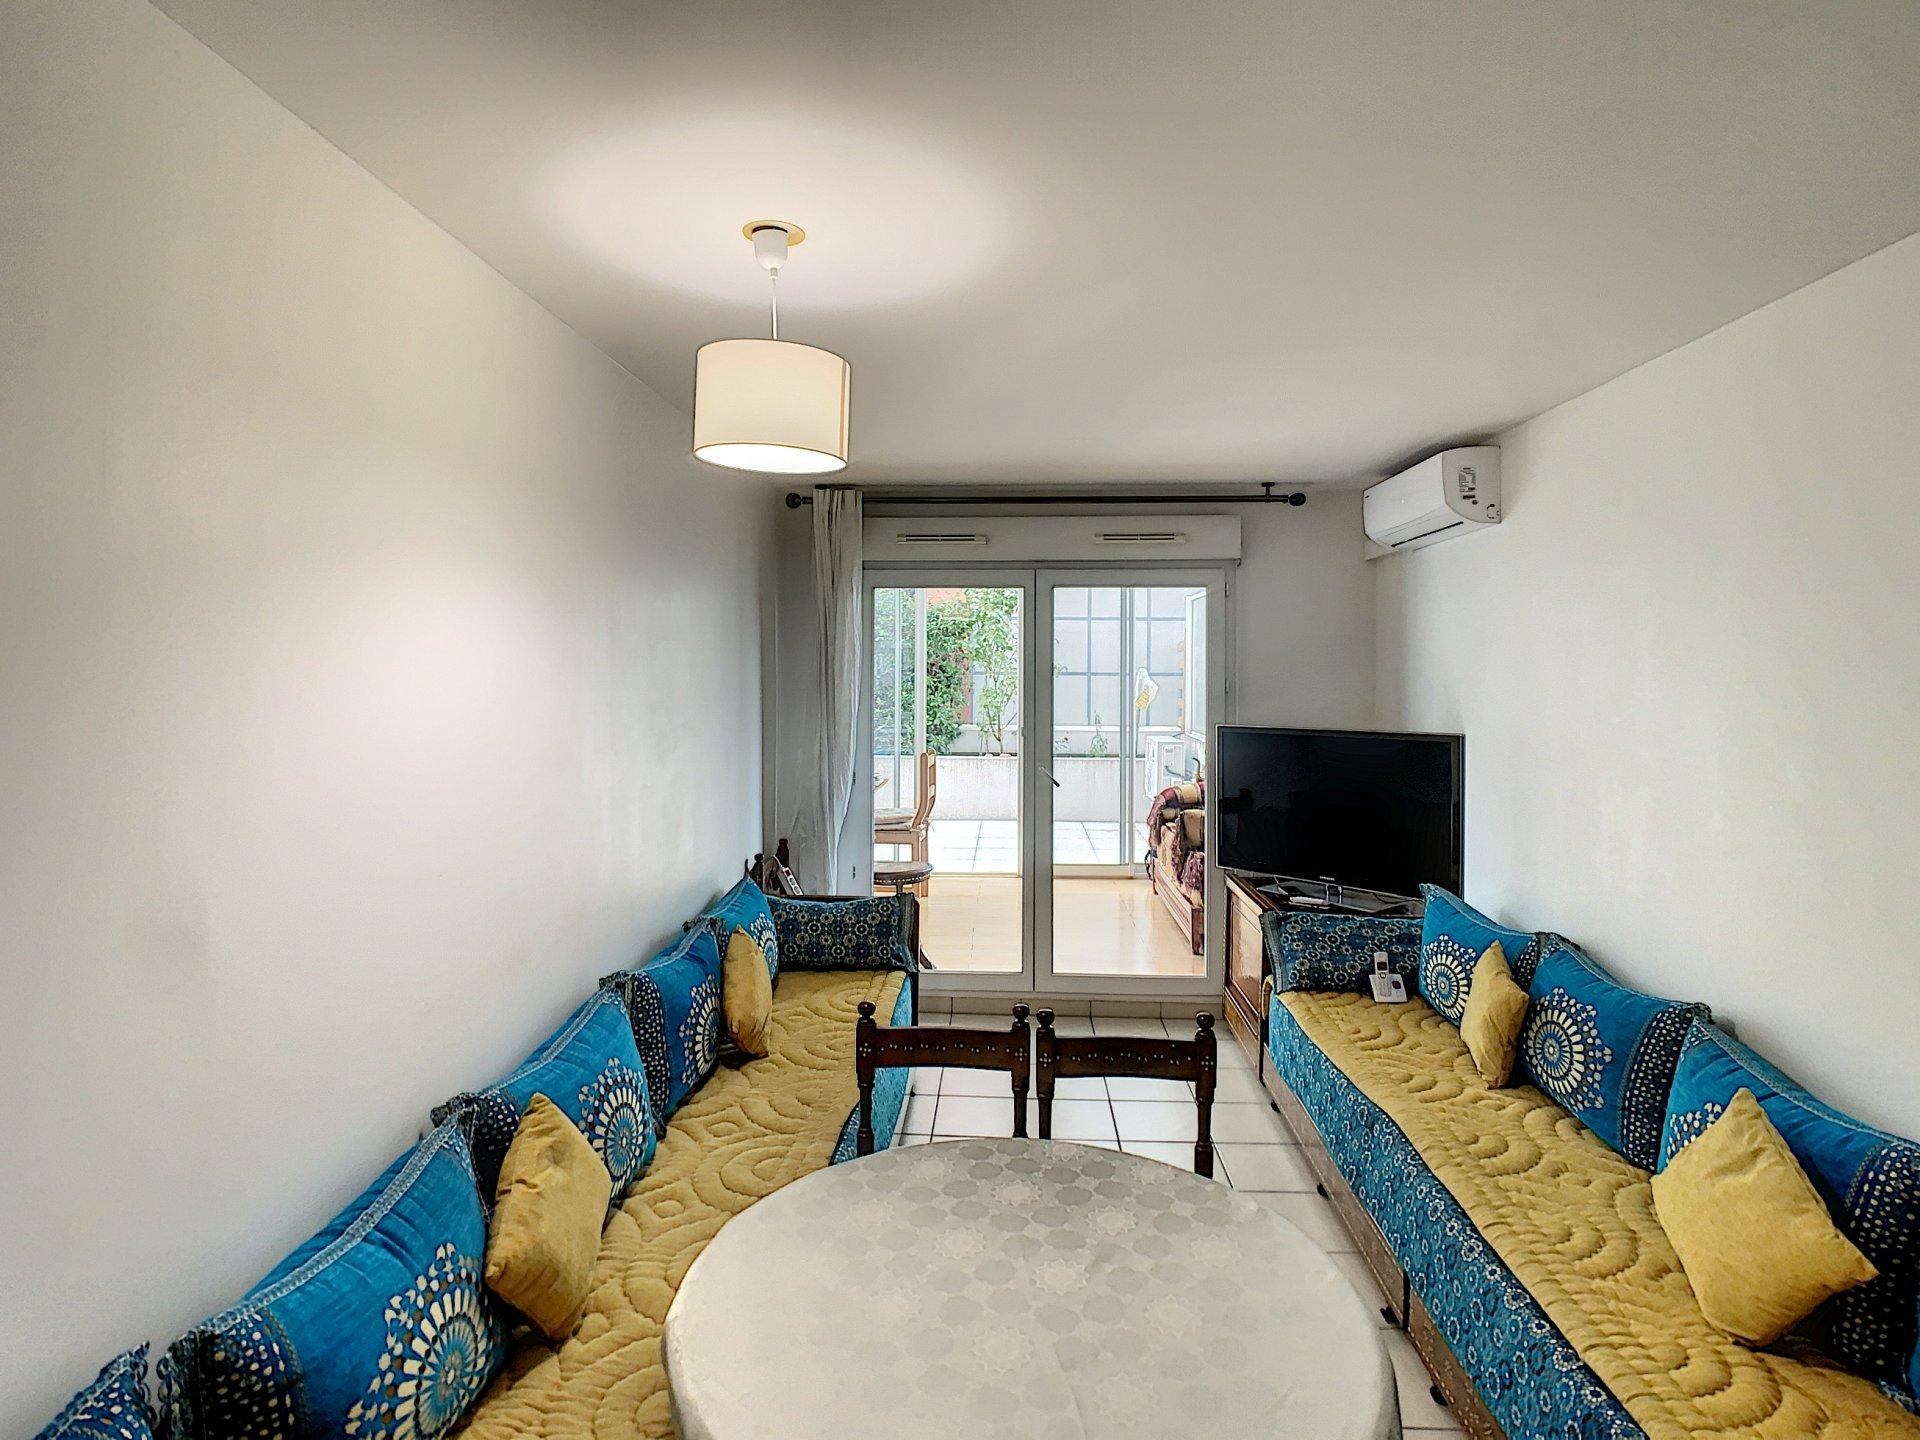 3 pièces 65 m2 , terrasse 50 m2 , parking double